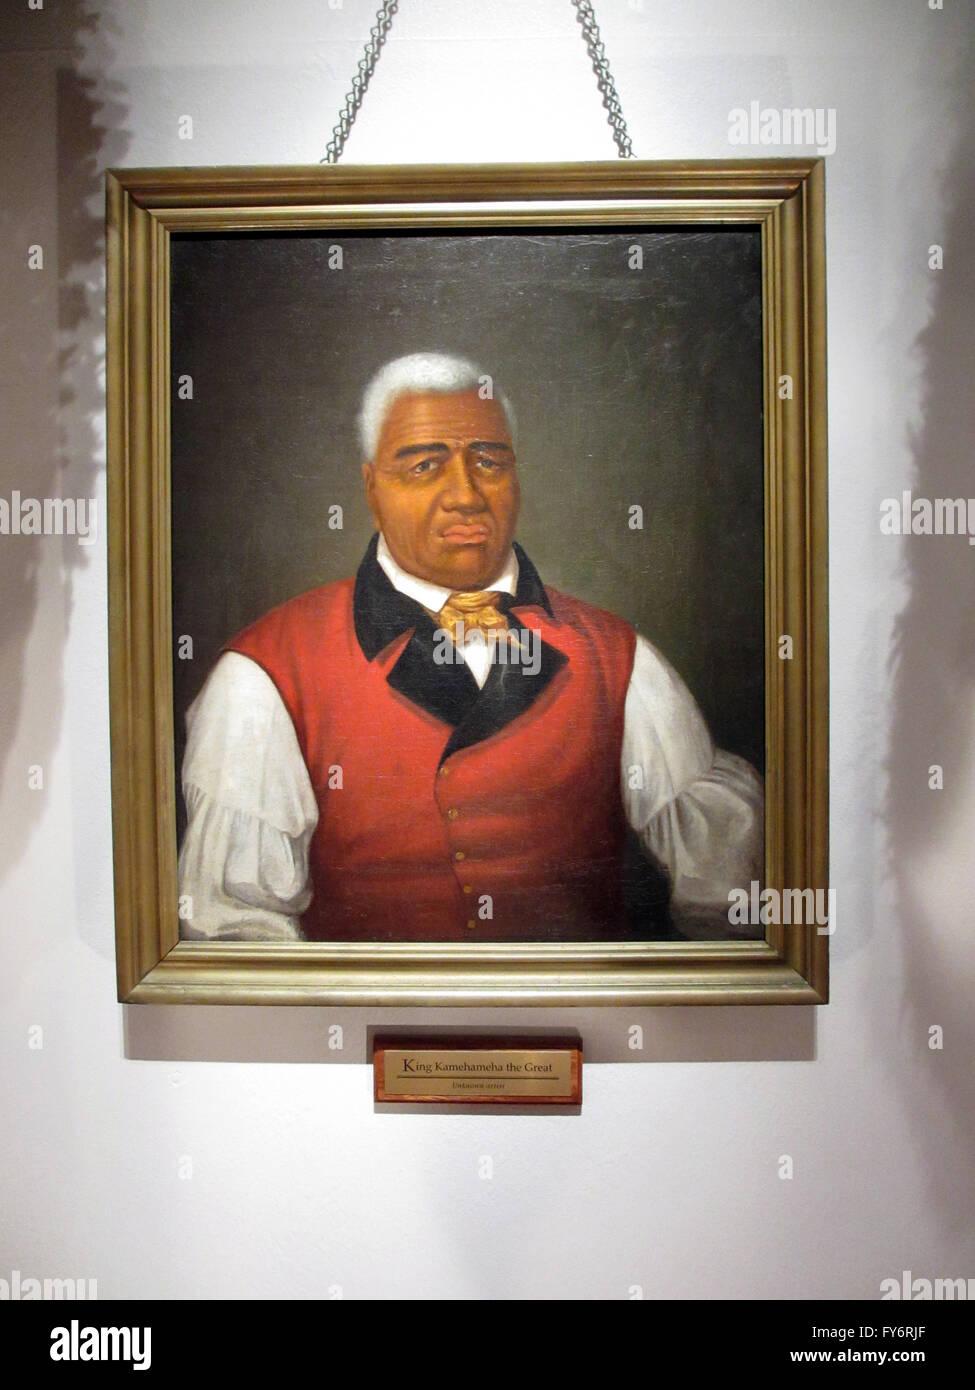 El rey Kamehameha el grande el primer rey de Hawai, unida de pintura - artista desconocido de principios del siglo XIX. Foto de stock